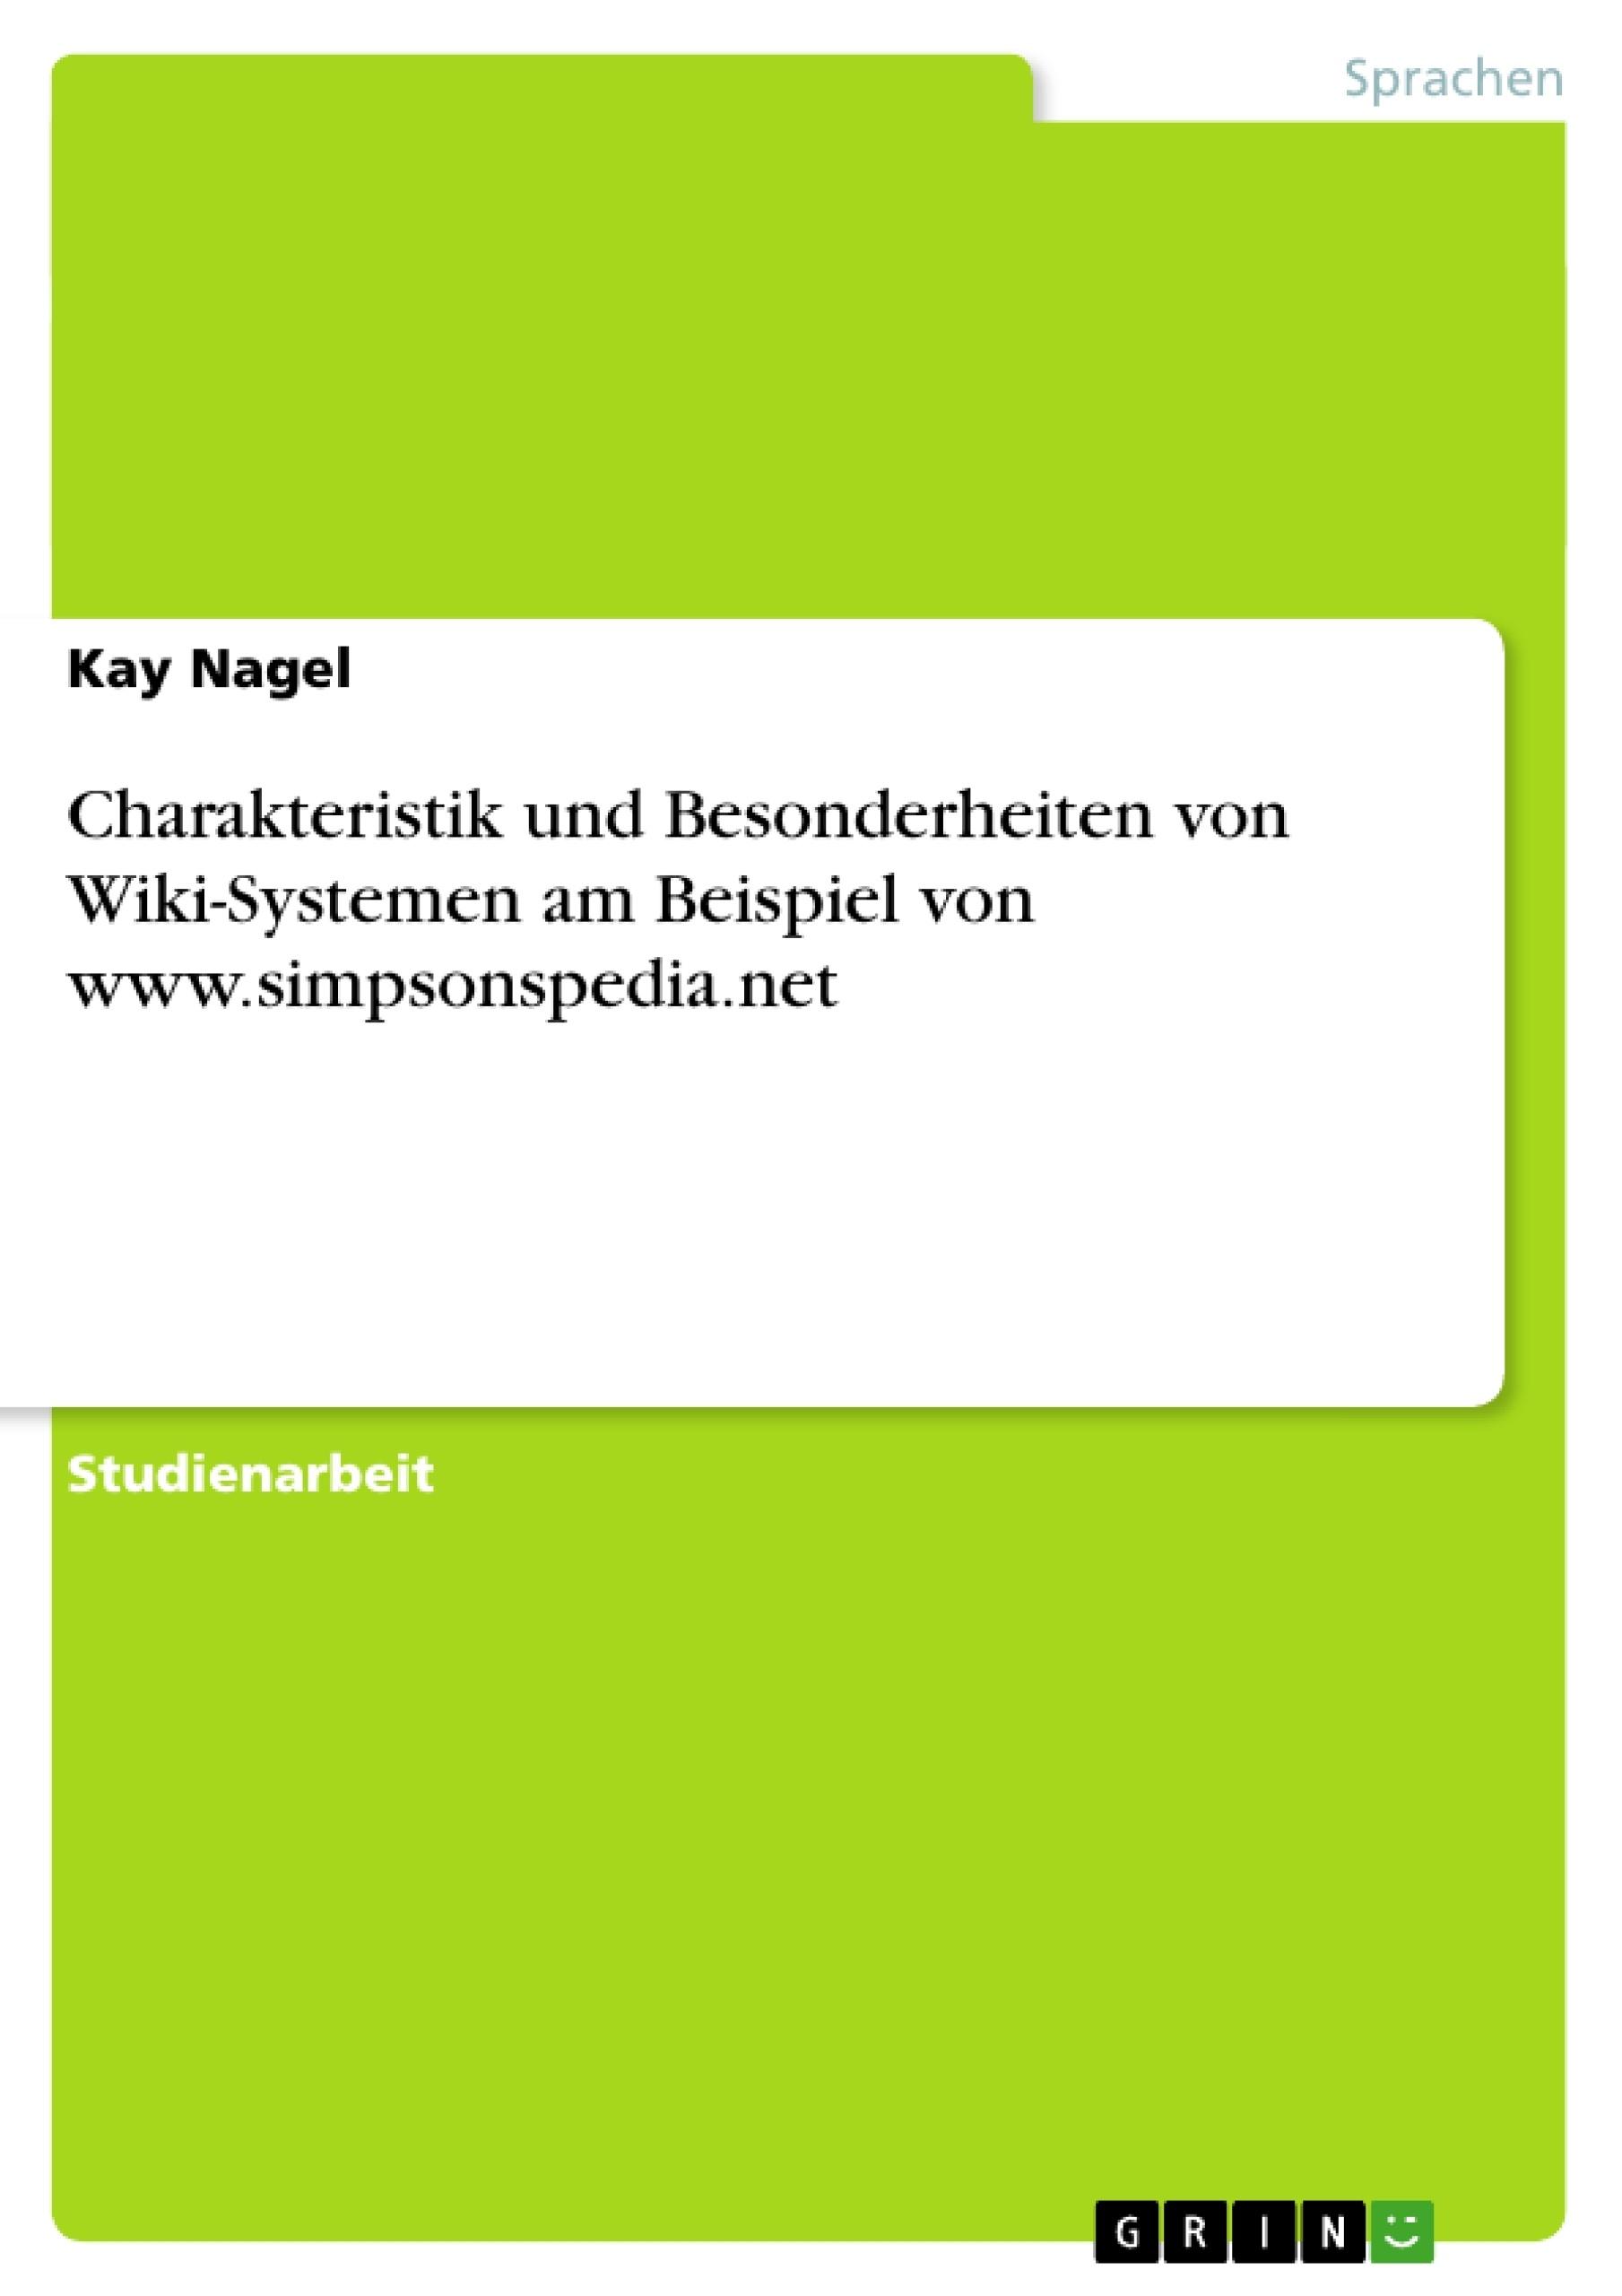 Titel: Charakteristik und Besonderheiten von Wiki-Systemen am Beispiel von www.simpsonspedia.net